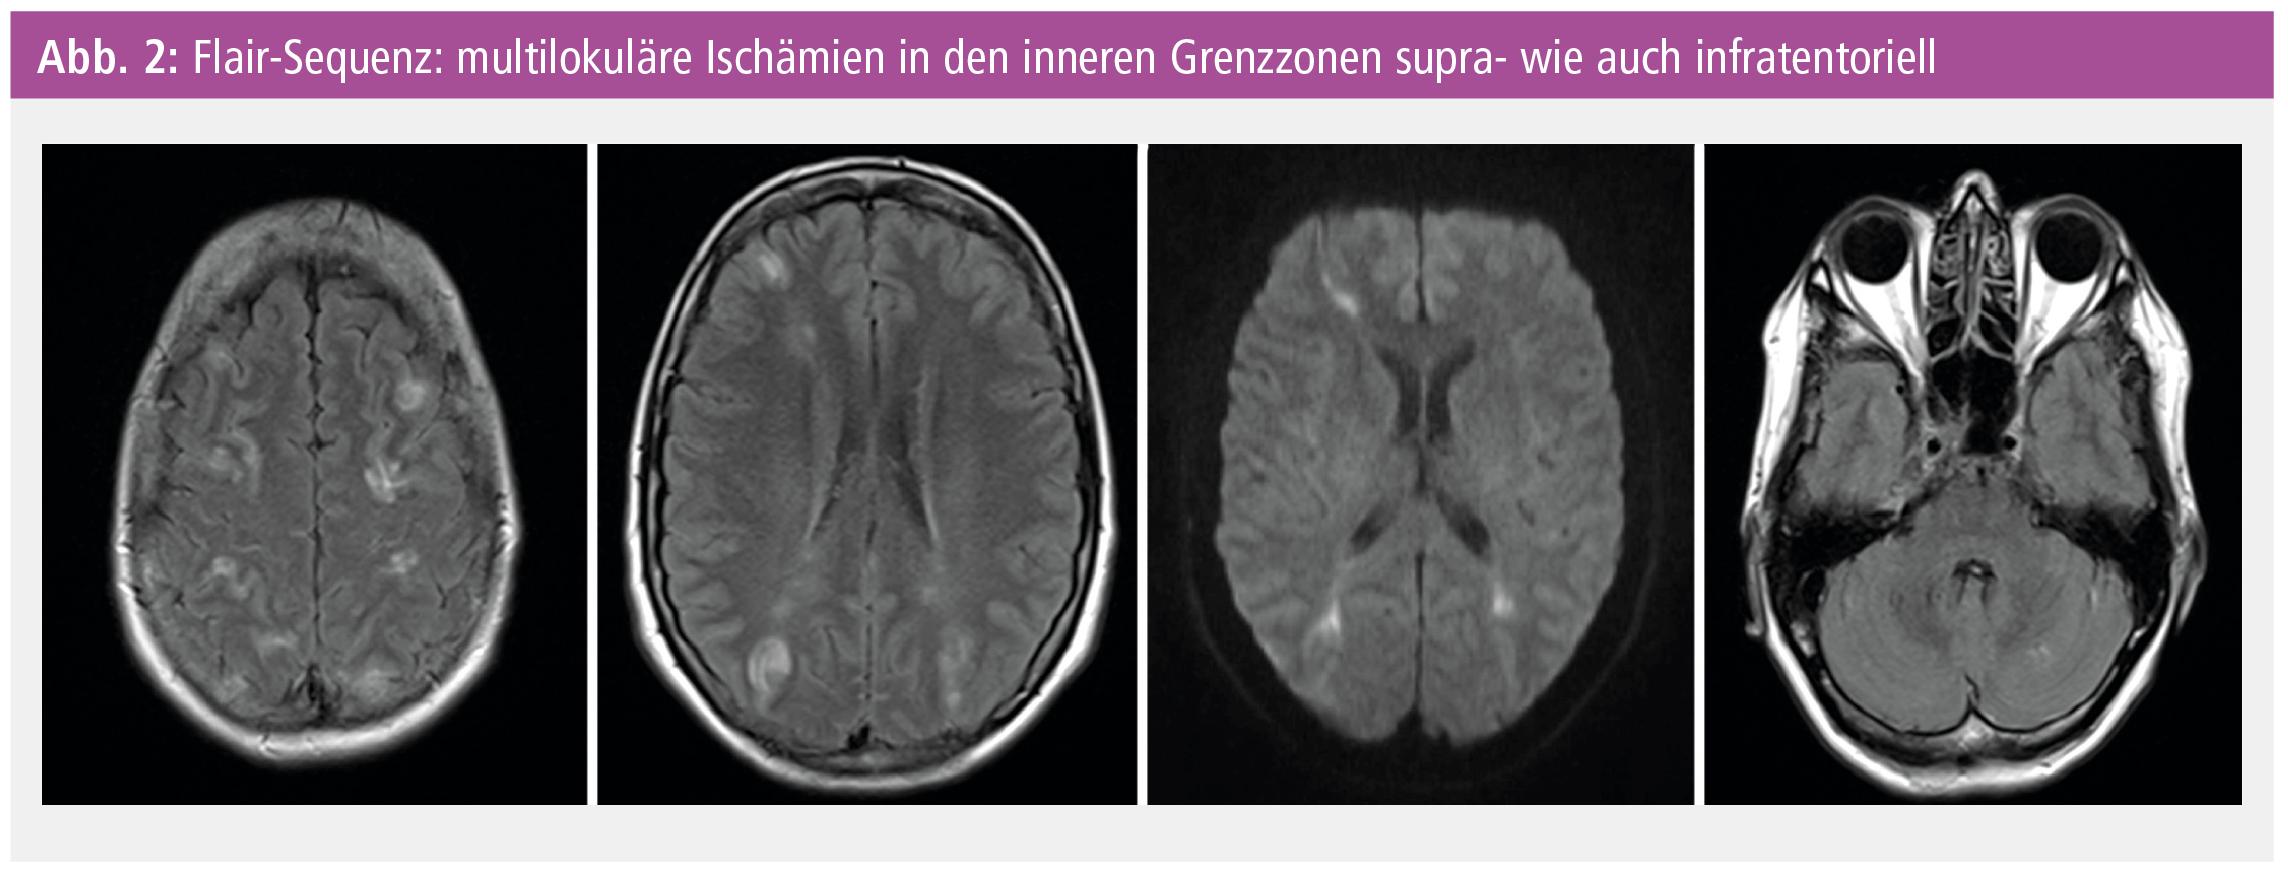 Schön Anatomie Und Physiologie Des Schlaganfalls Ideen - Menschliche ...